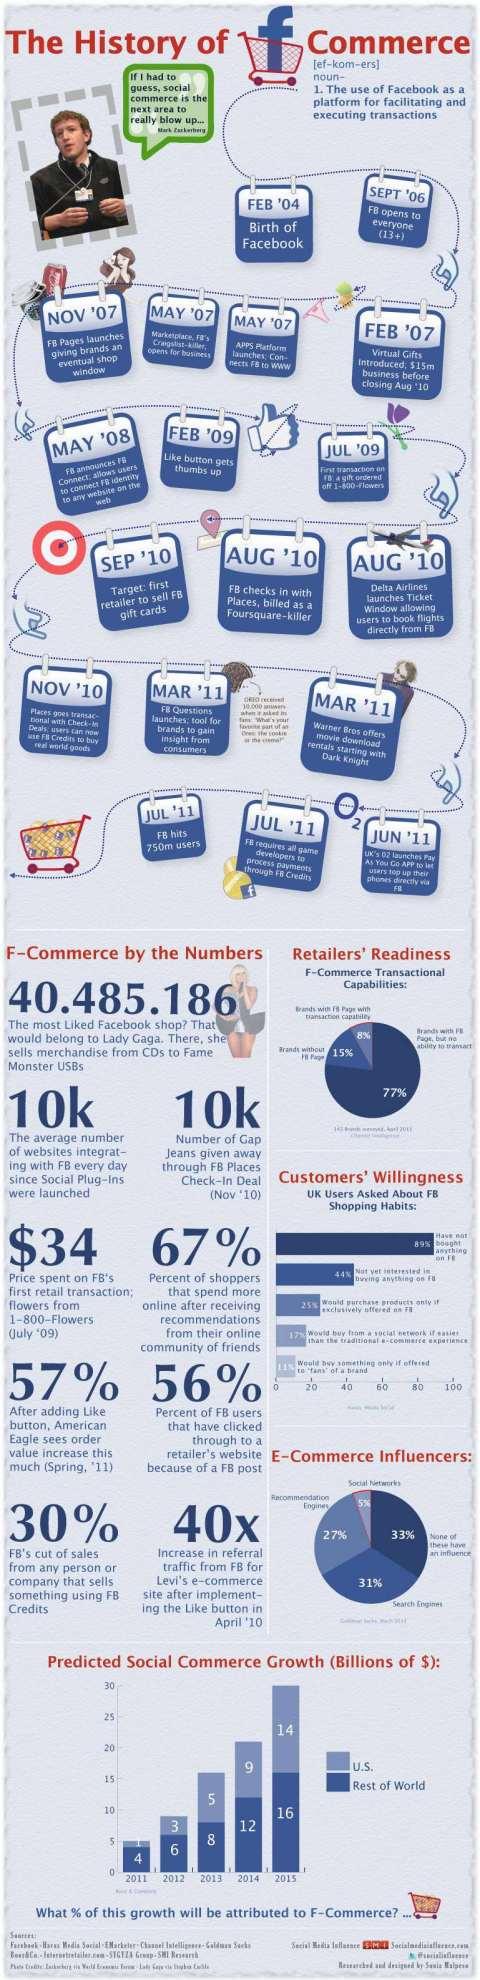 honliner fb commerce